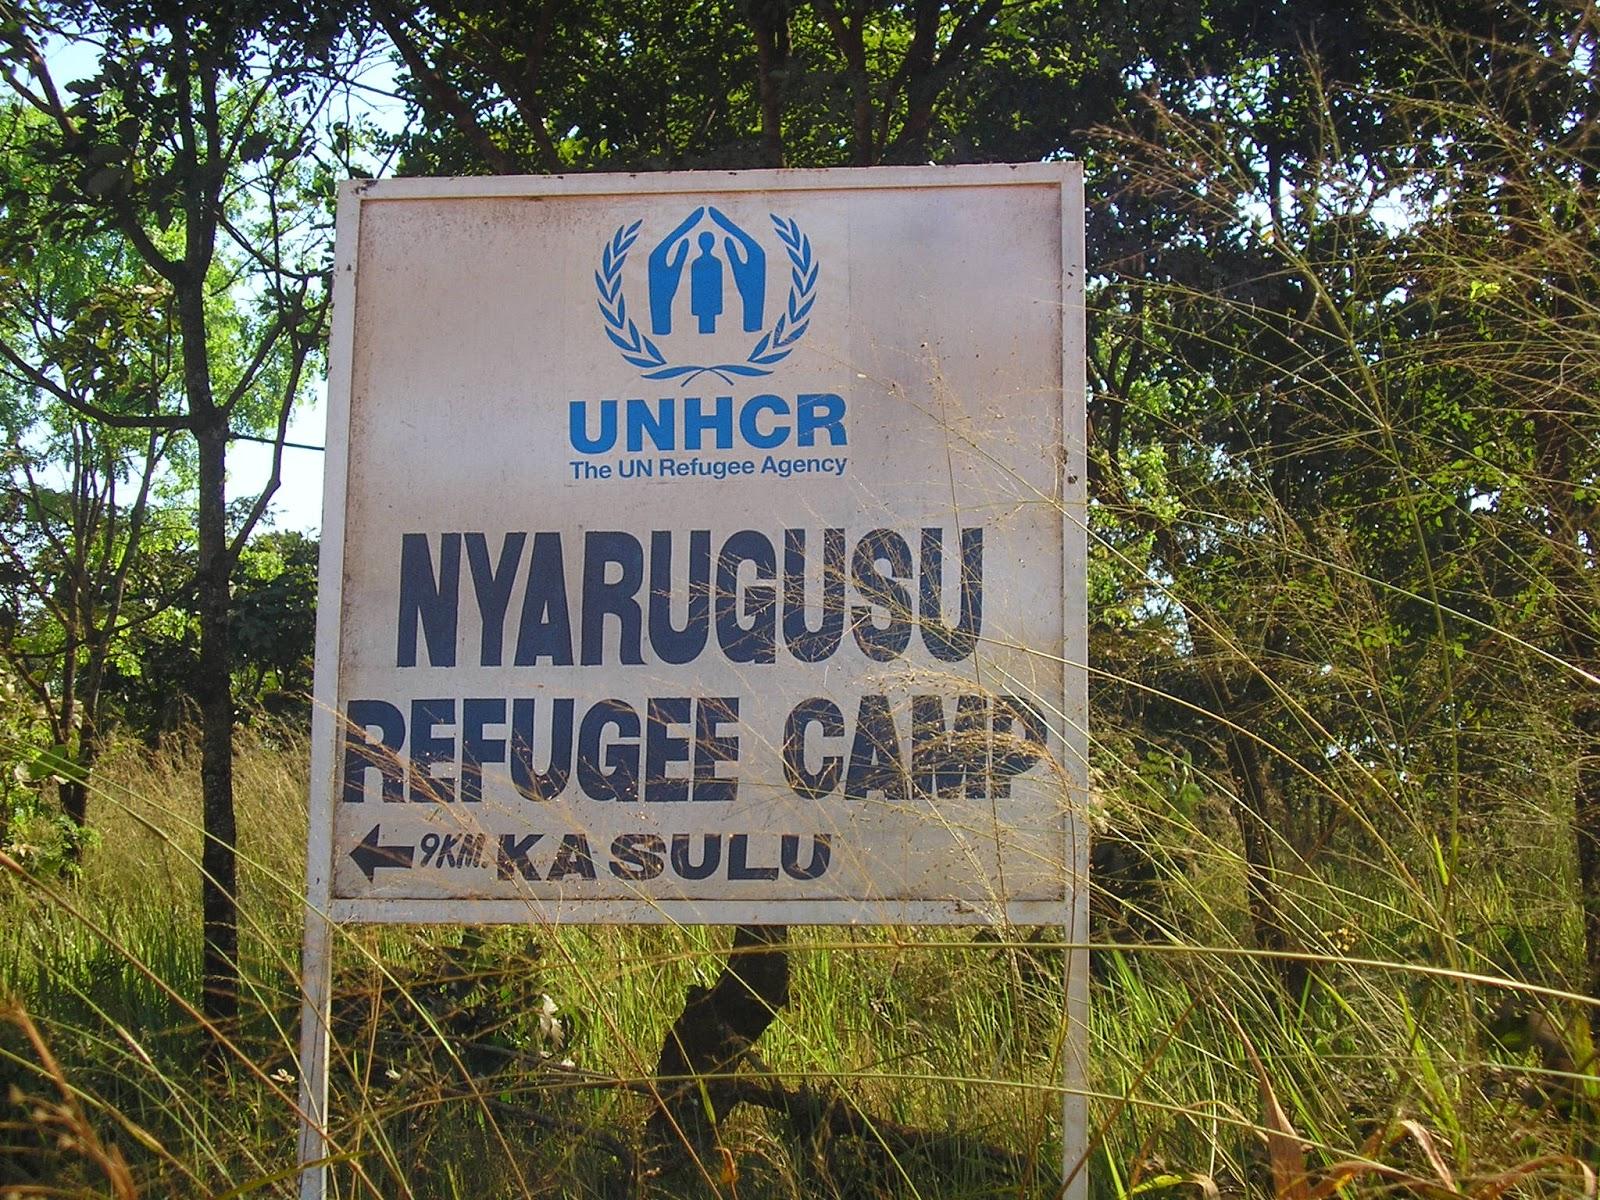 Nyarugusu-Tanzania : Mkuu wa wakimbizi duniani au mwenyekiti wa shirika la wakimbizi duniani UNHCR alikuwa kambini Nyarugusu